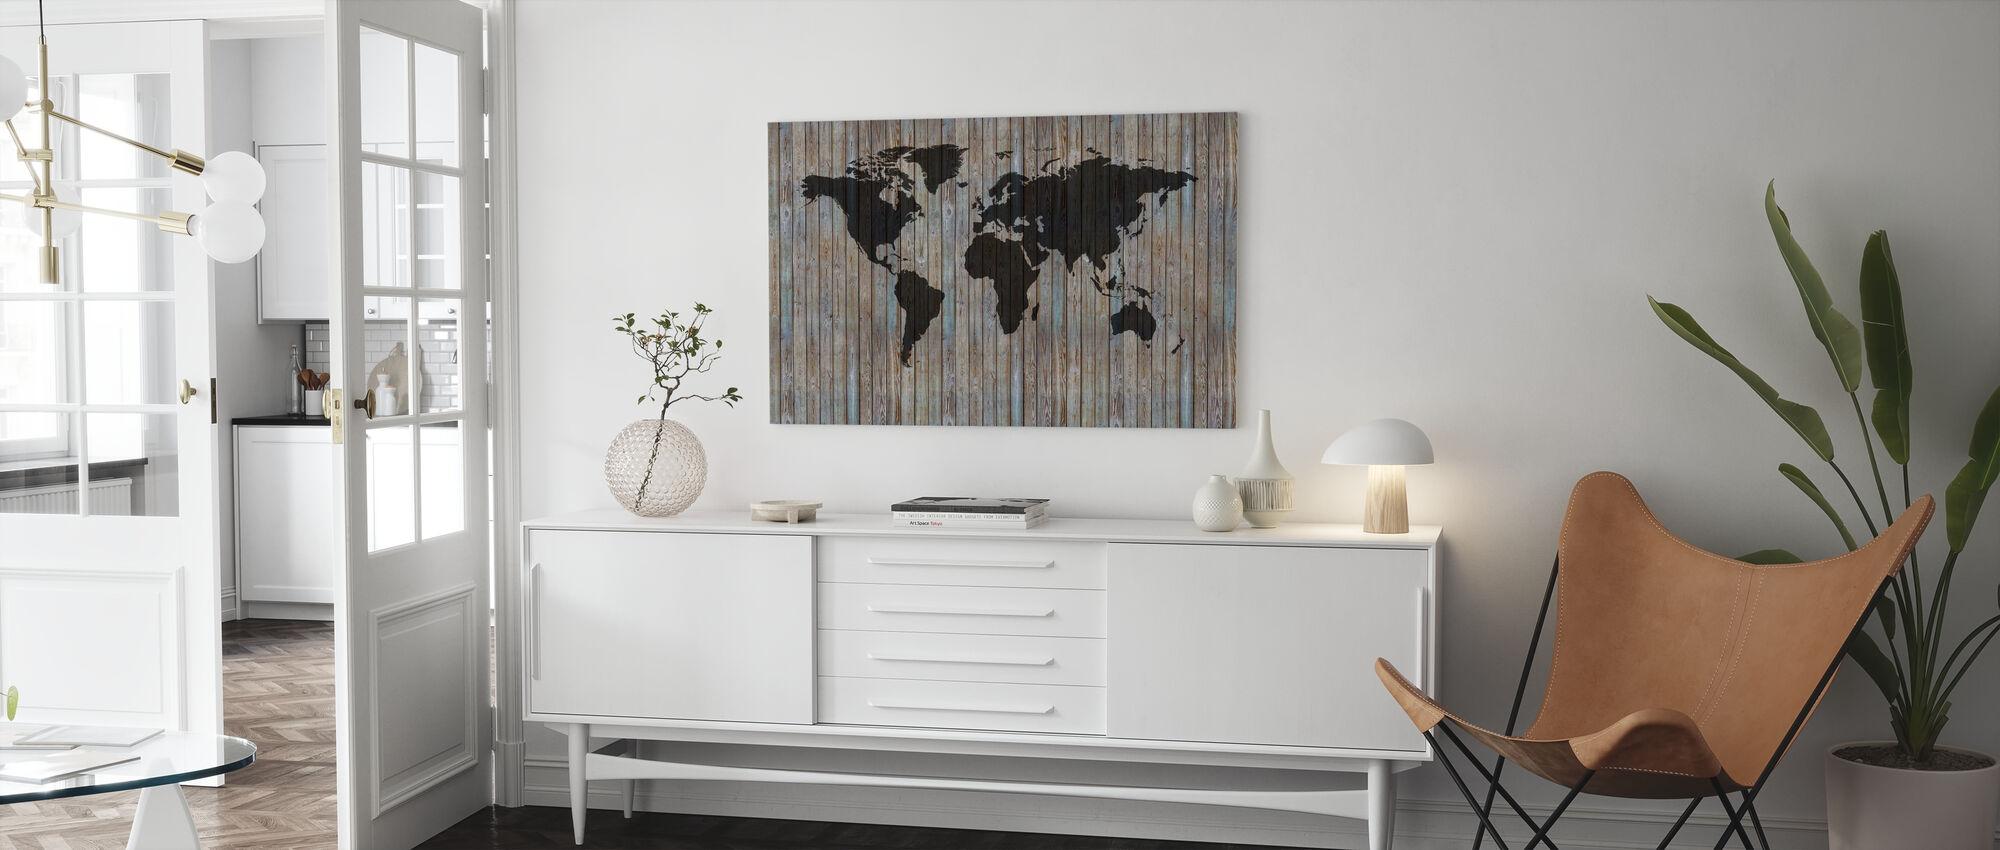 Wereldkaart Houten Plank - Oud Zilver - Canvas print - Woonkamer